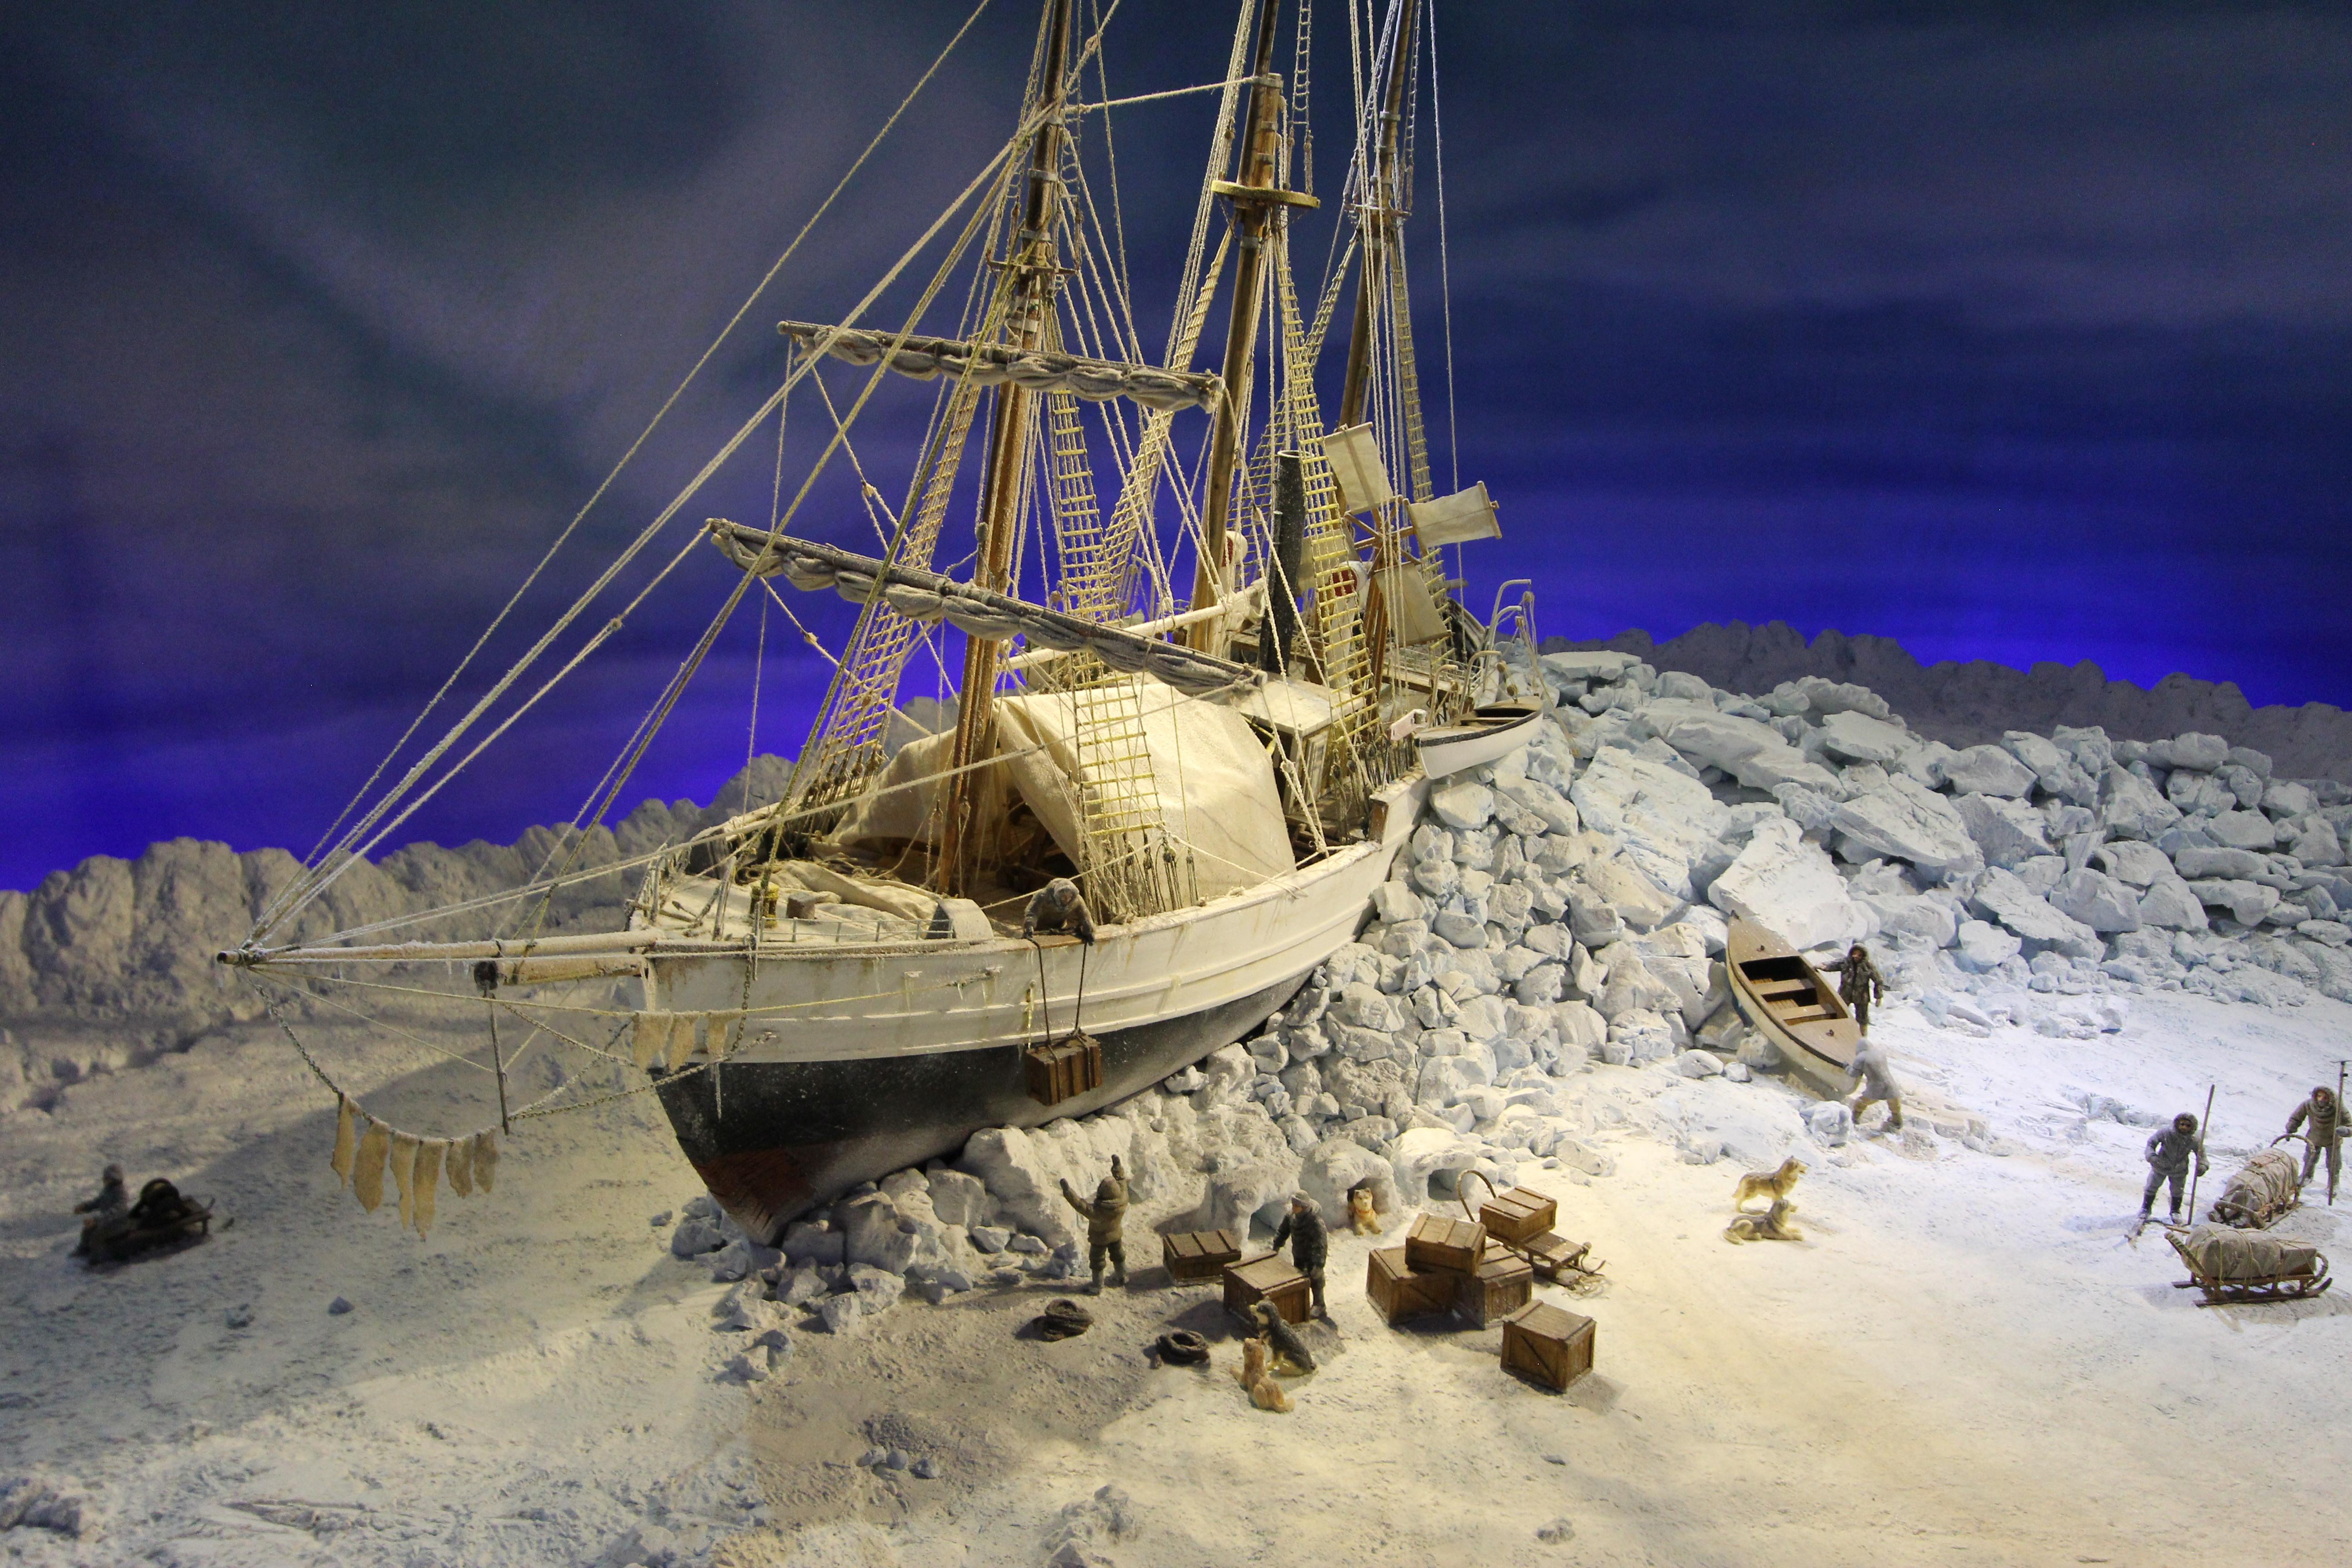 """Nansens plan om at """"Fram"""" skulle drive over polpunktet slog fejl. """"Fram"""" var ikke kommet langt nok øst, før den frøs fast i isen nord for Sibirien. Efter to overvintringer i """"Fram"""" forlod Nansen og Hjalmar Johansen d. 14. marts 1895 skibet for at gå mod Nordpolen på ski og med hundespand, 3 slæder og 27 hunde. Der var -40 grader C på afrejsedagen. «Fram» var på dette tidspunkt 600 km fra Nordpolen. 7. april vendte de på 86° 14' nordlig bredde, da de fandt ud af at de ikke ville være muligt at nå at gå til Nordpolen og tilbage i løbet af den korte arktiske sommer. 86° 14' var Nansens egen måling, senere er dette korrigeret til 86° 04'. Det var det nordligste punkt hvor der indtil da var registreret at noget menneske havde været. Tilbageturen blev også fyldt af svære strabadser, og Nansen og Johansen overvintrede i et selvbygget vinterkvarter på Frans Josefs land. Hytten var 3,4 m lang og 2 m bred, og var bygget af sten og klædt med is. Hyttetaget var beklædt med skind fra Hvalros og yderligere isoleret med sne og is. De overlevede på tran, spæk fra hvalros og isbjørnkød. Spækket blev også brugt til brændsel."""